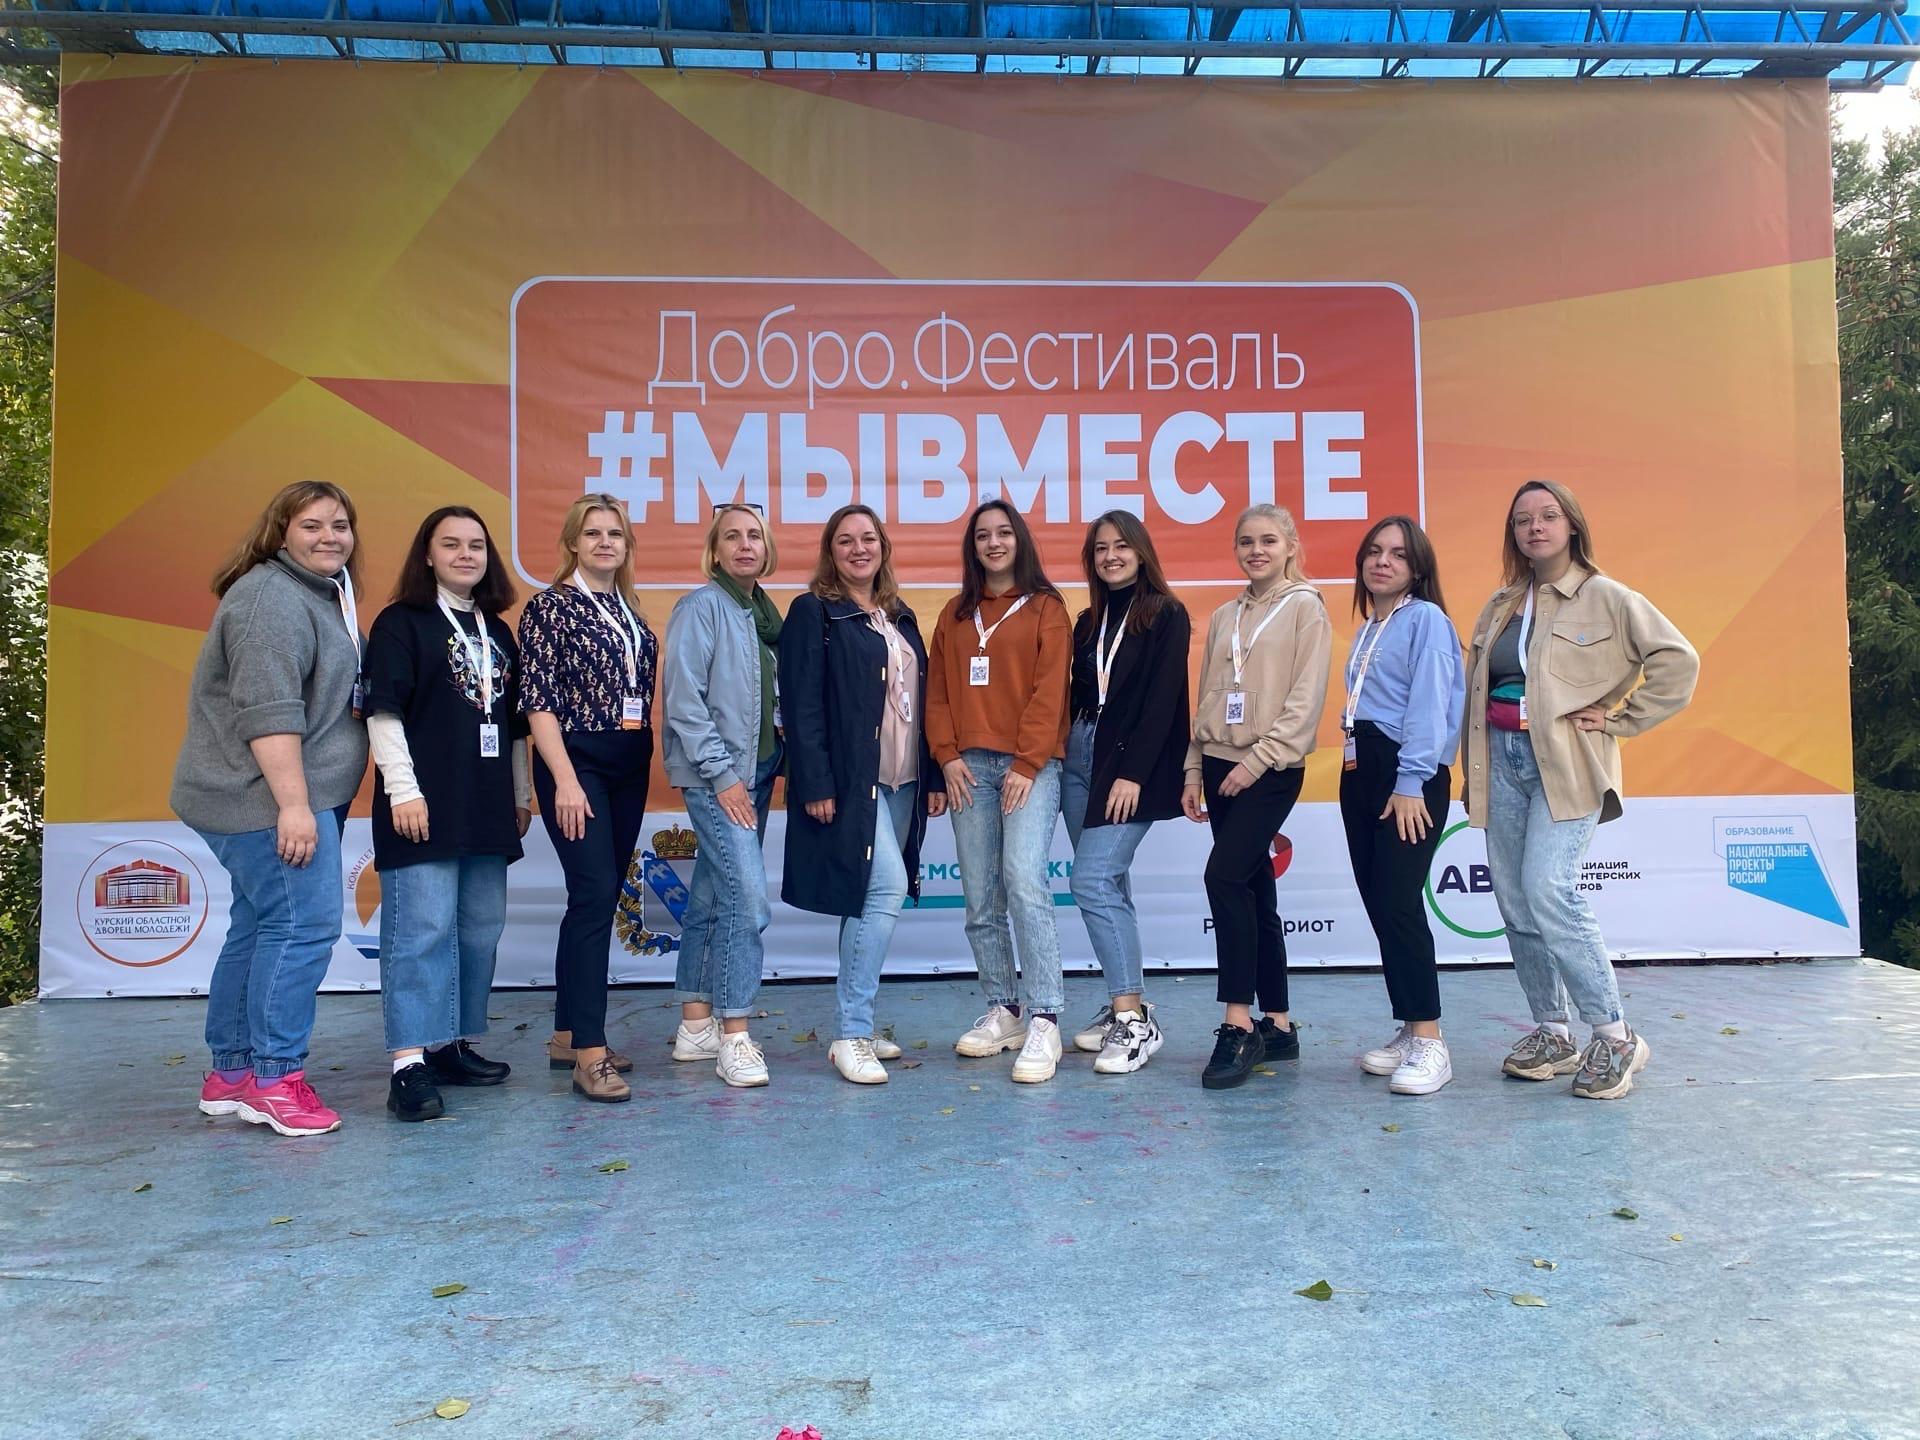 Ярославцы принимают участие в окружном добровольческом форуме